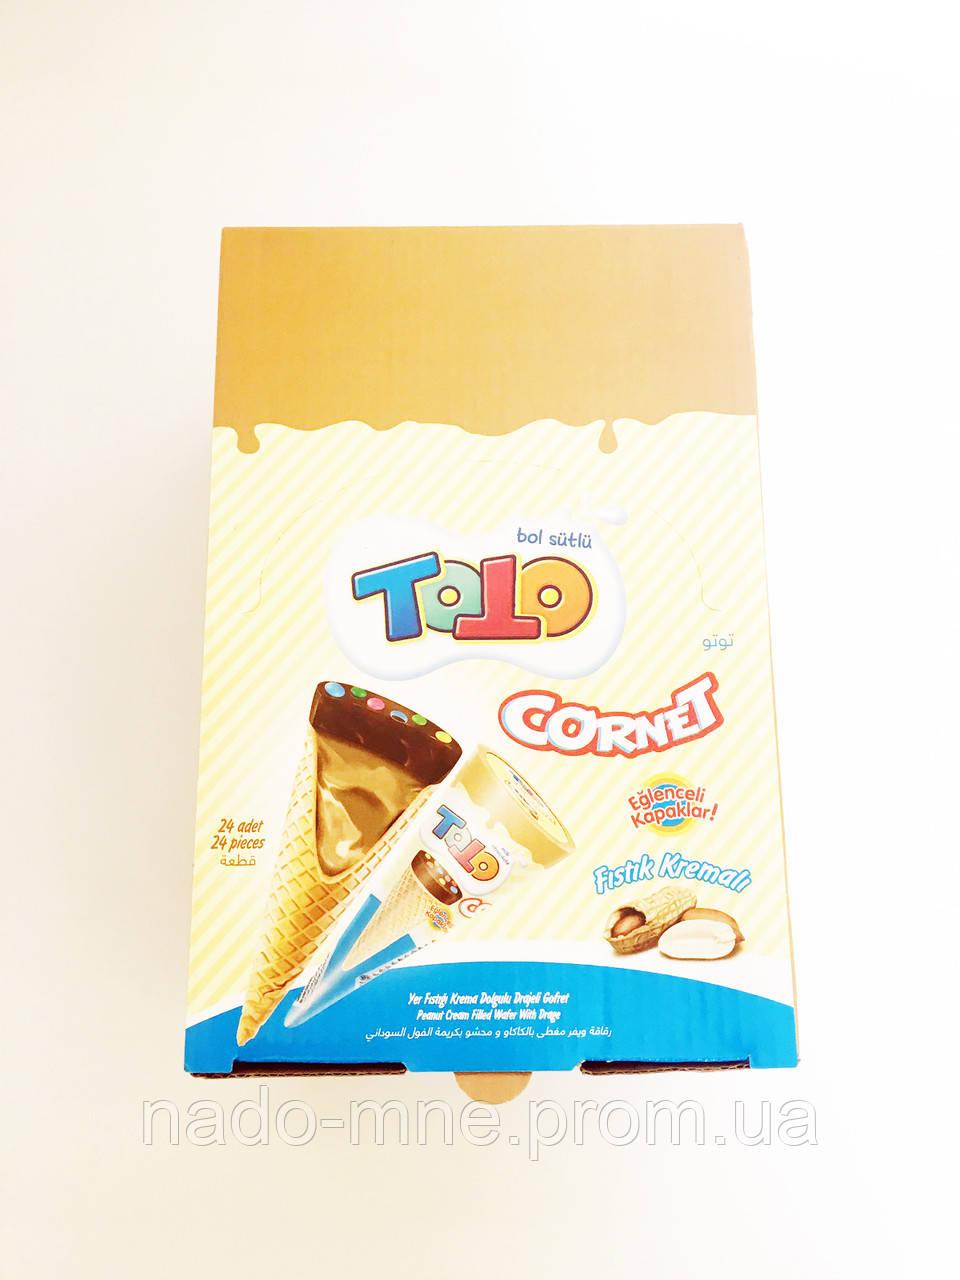 Вафельный рожок со вкусом лесного ореха Tо To Cornet, 25 г (24 шт у коробке)